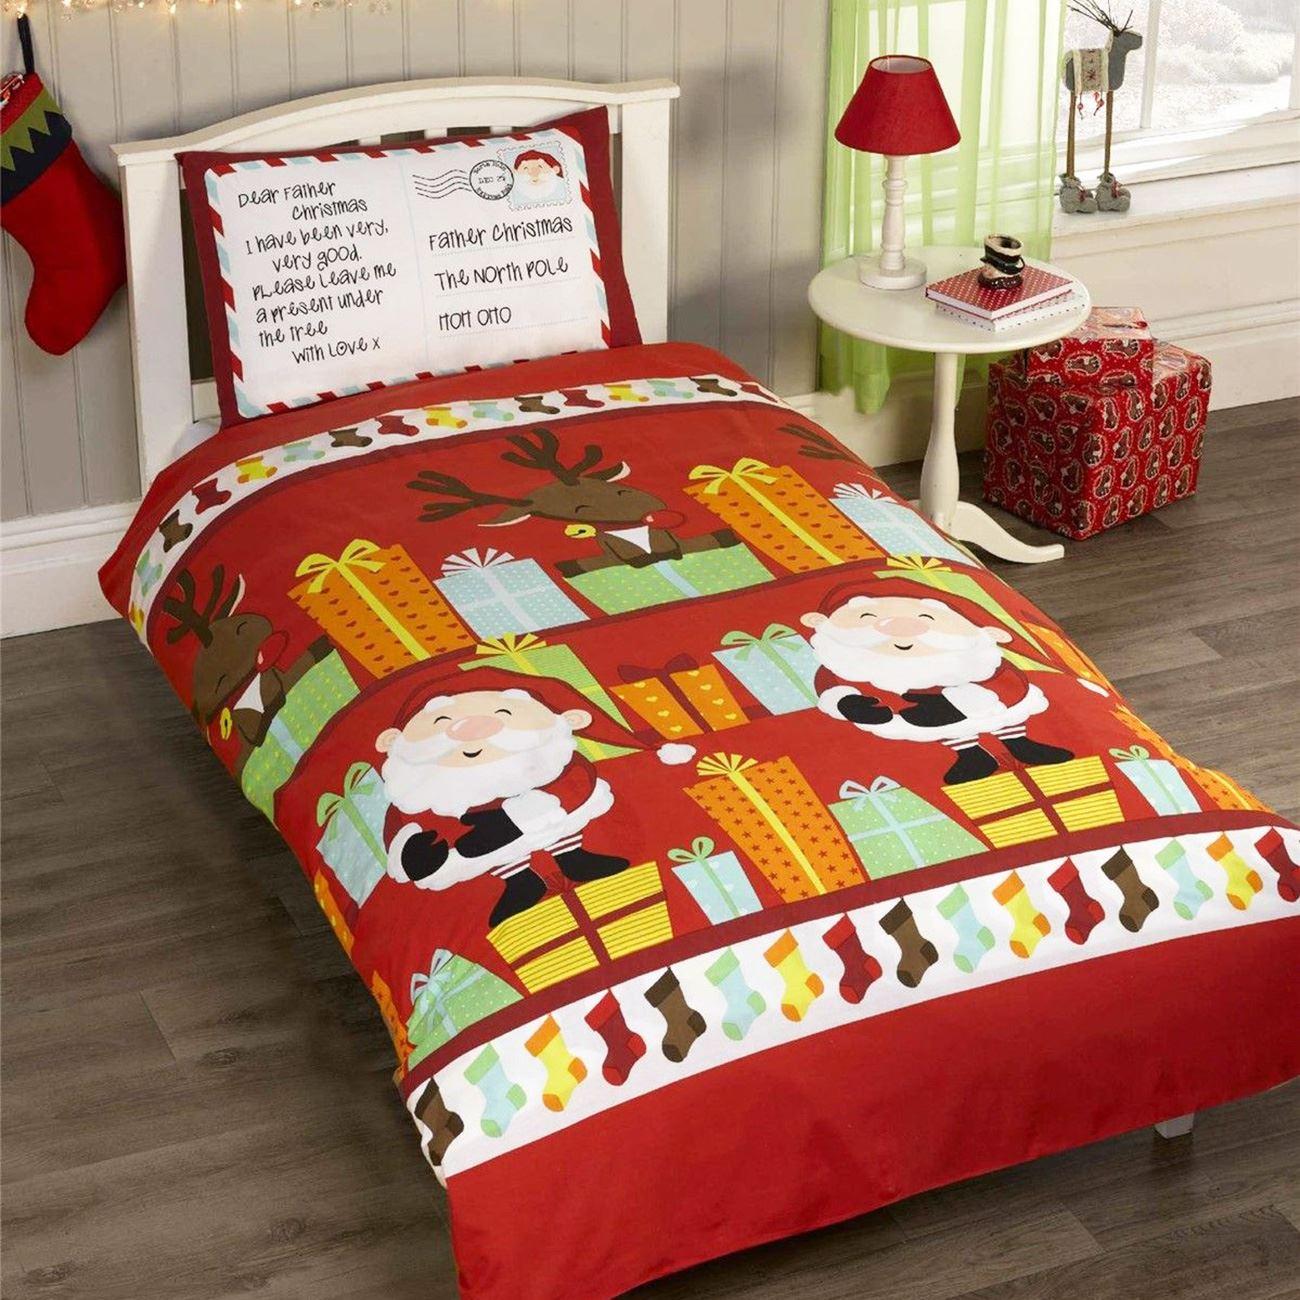 Indexbild 71 - Kinder Weihnachten Bettbezug Sets - Junior Einzel Doppel King - Elf Emoji Grinch